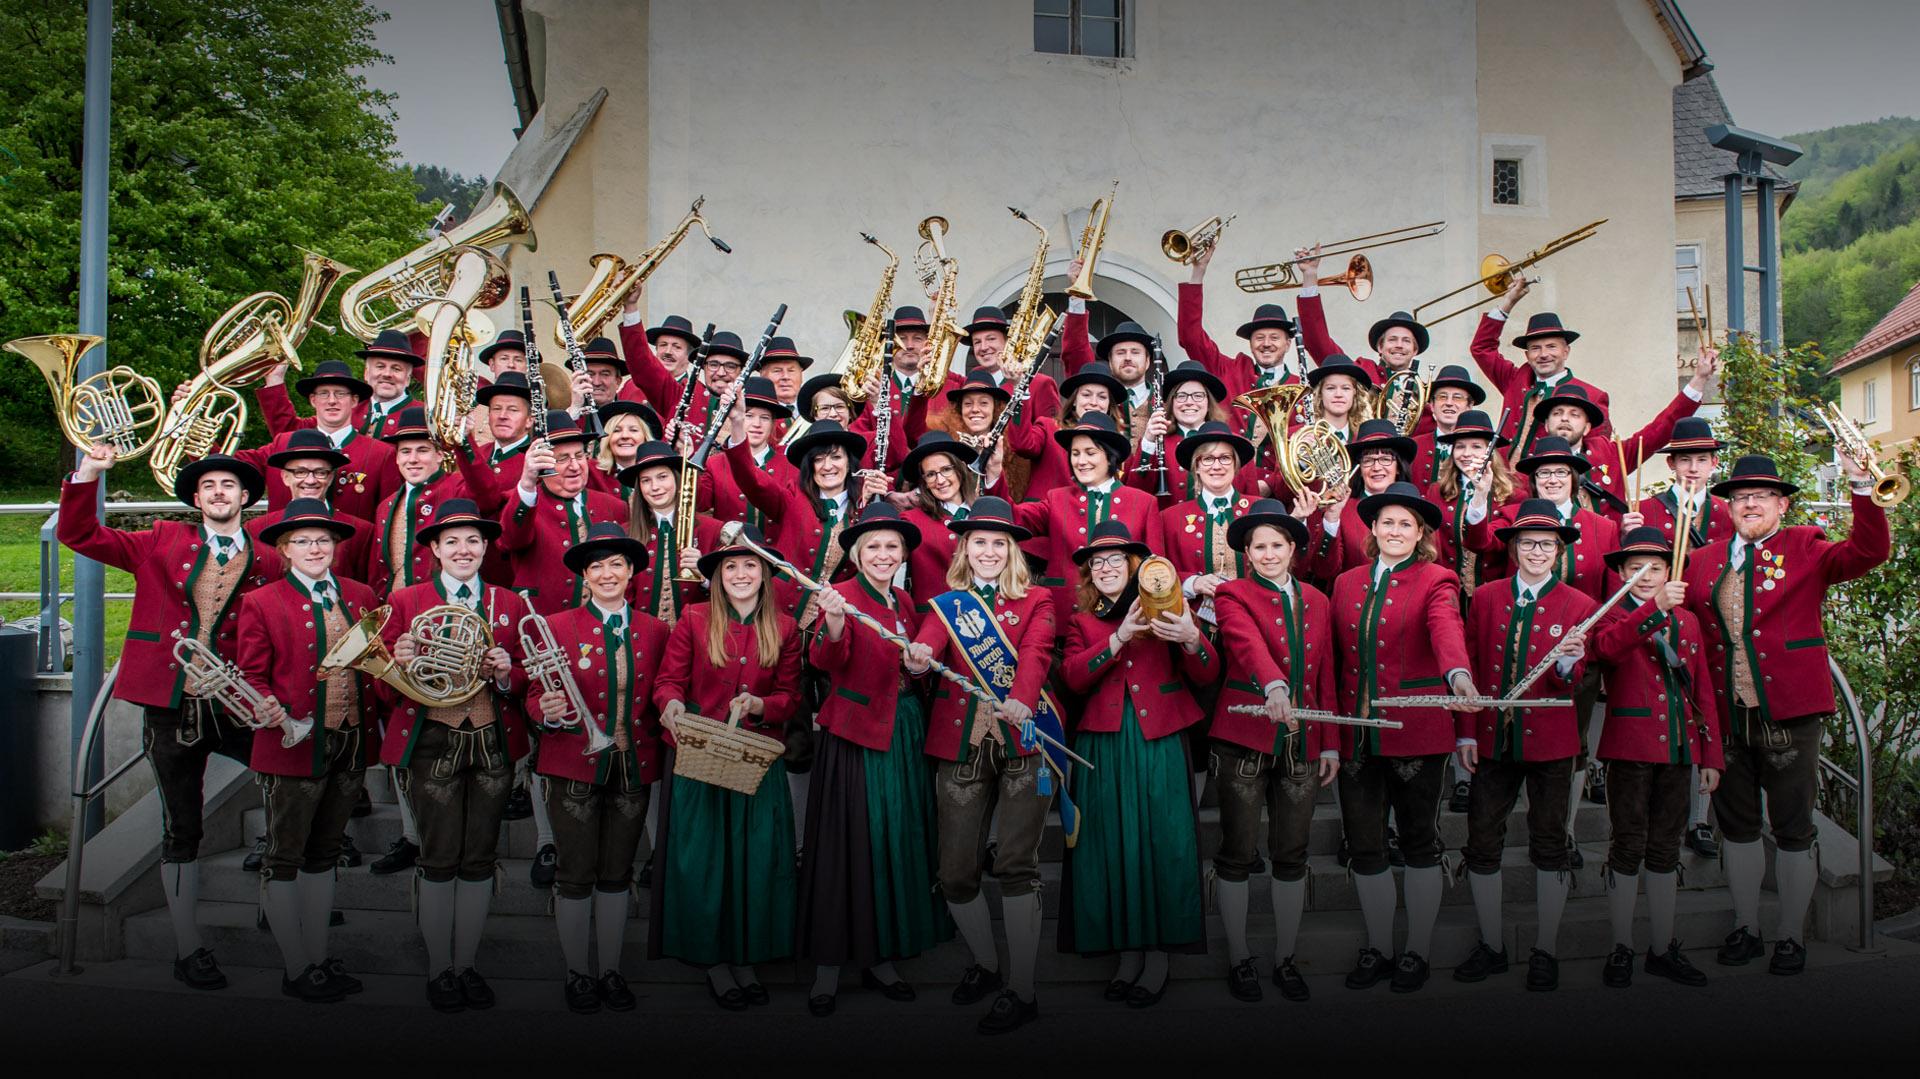 Eine musikalische Gemeinschaft